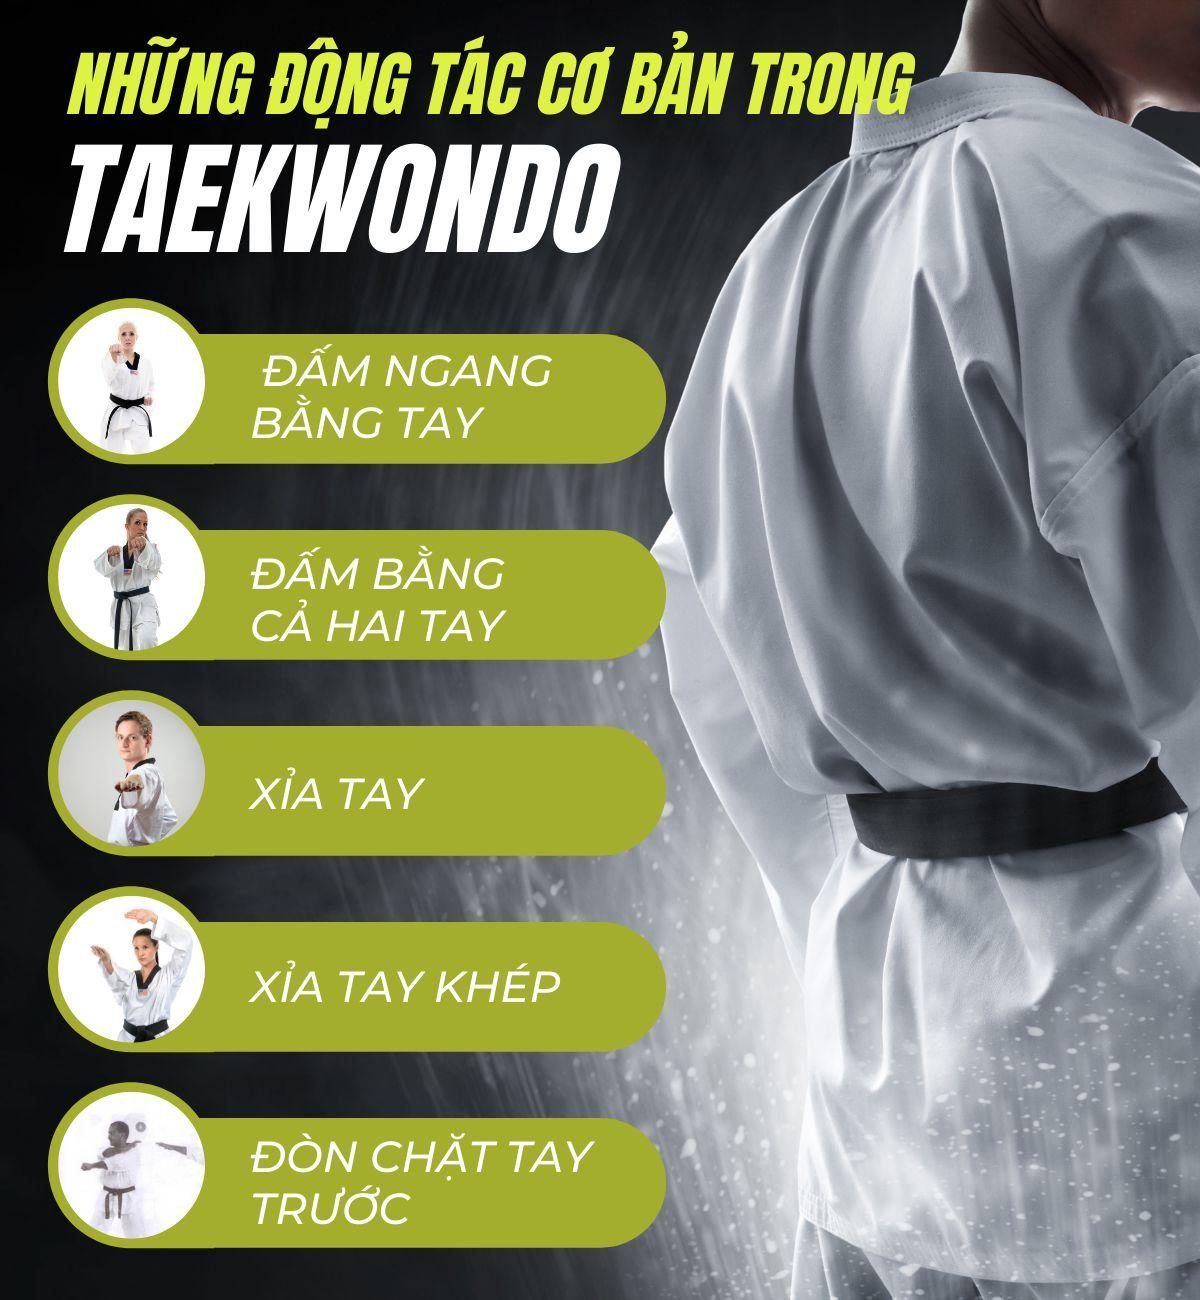 Taekwondo là một trong những bộ môn võ thuật đã được đưa vào thi đấu chính thức trong các đại hội thể thao lớn như Olympic. Bài viết dưới đây WheyShop sẽ...